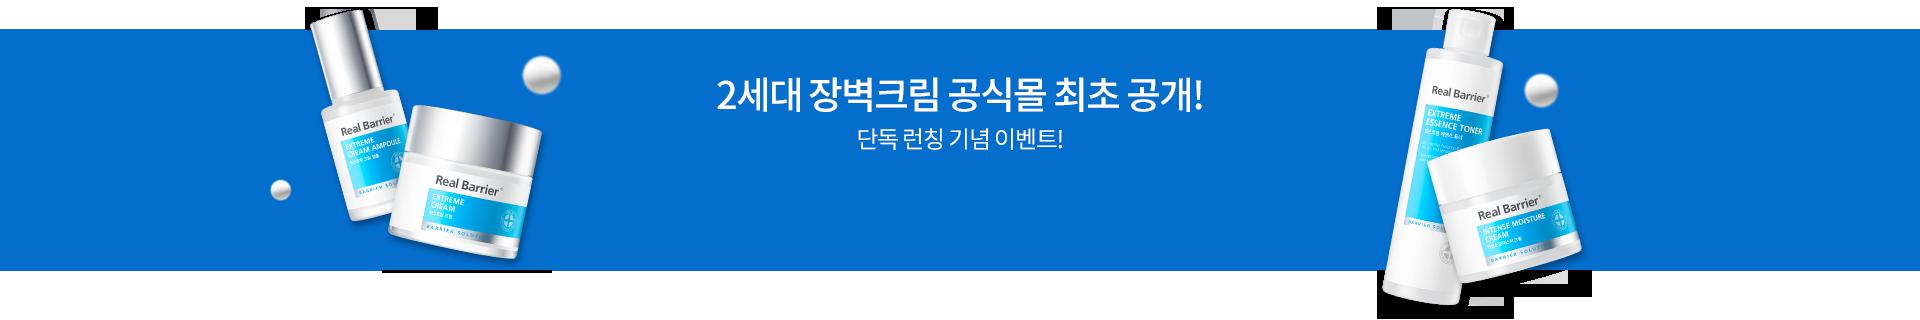 9월 4주_메인테마 배너